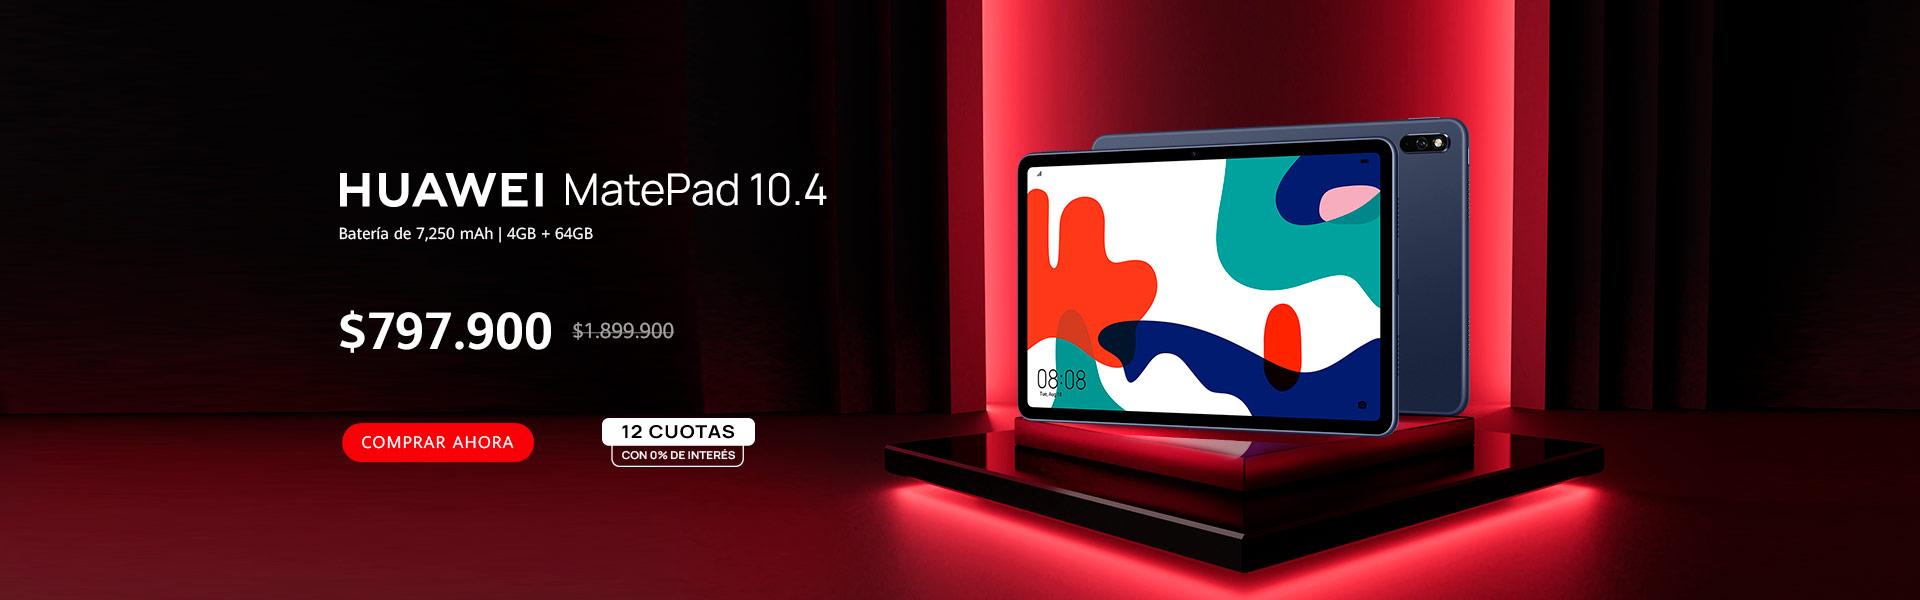 MatePad wifi 10punt4